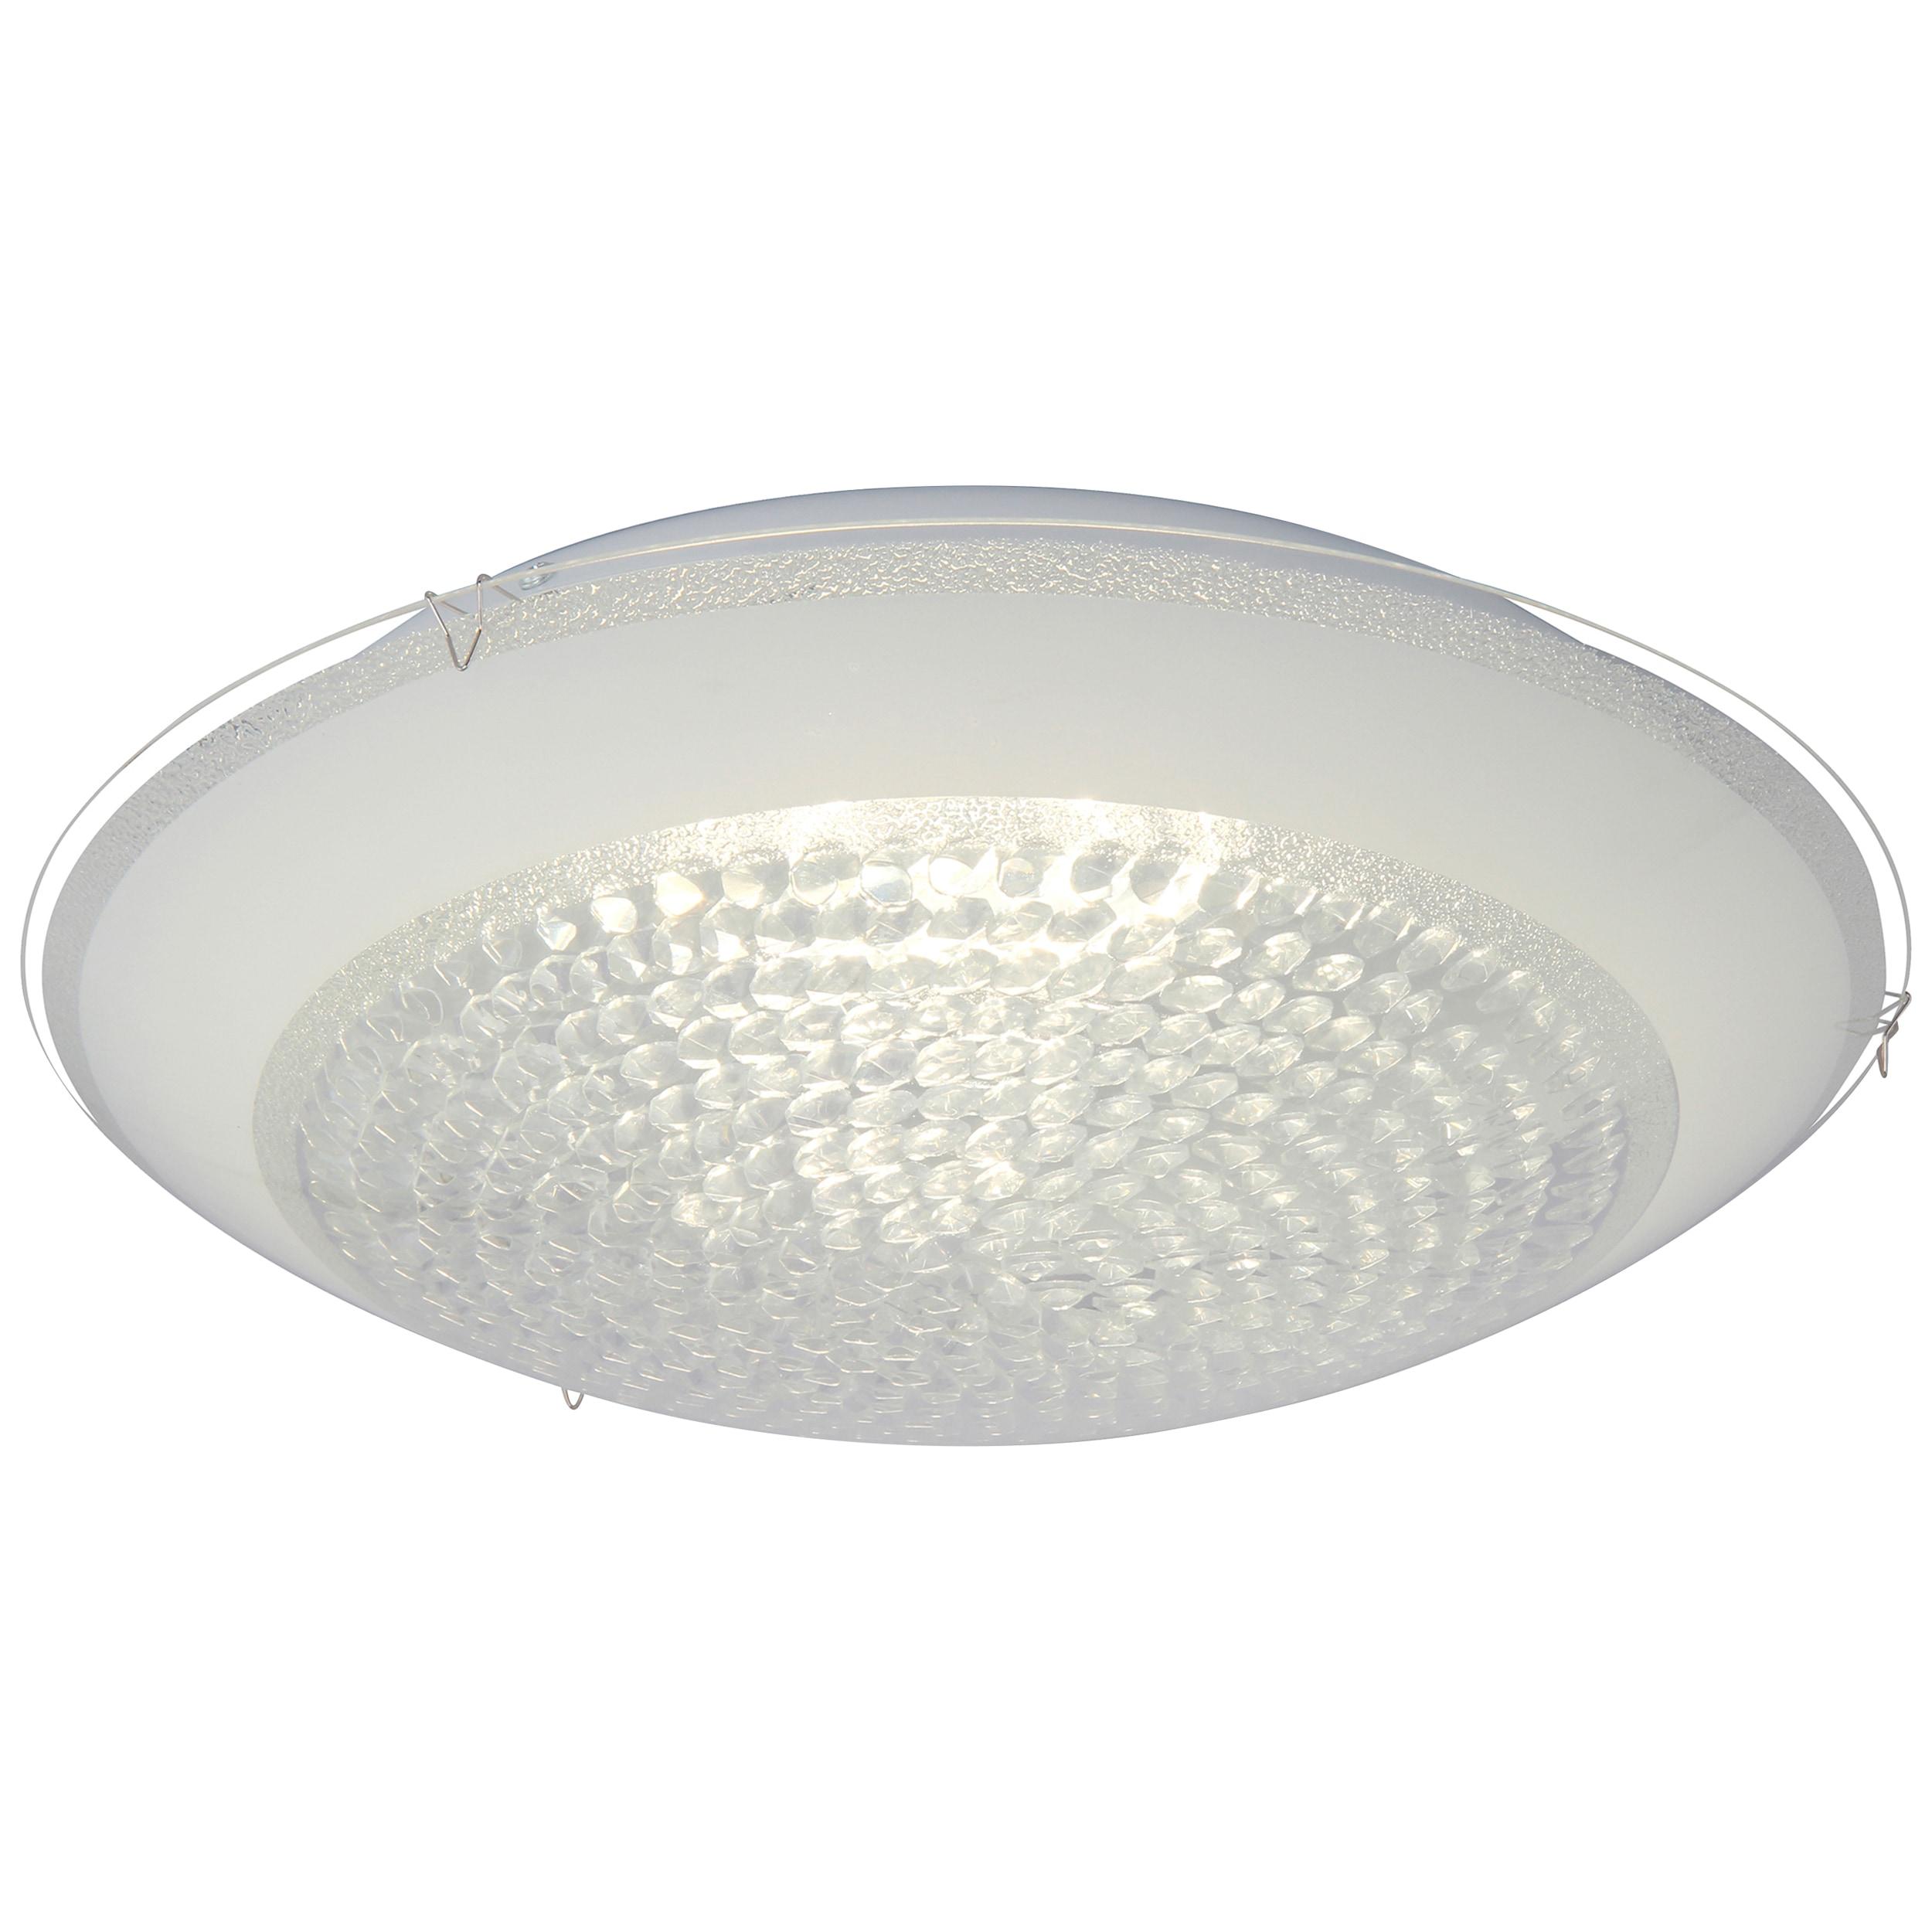 Brilliant Leuchten Vera LED Wand- und Deckenleuchte 40cm weiß/transparent